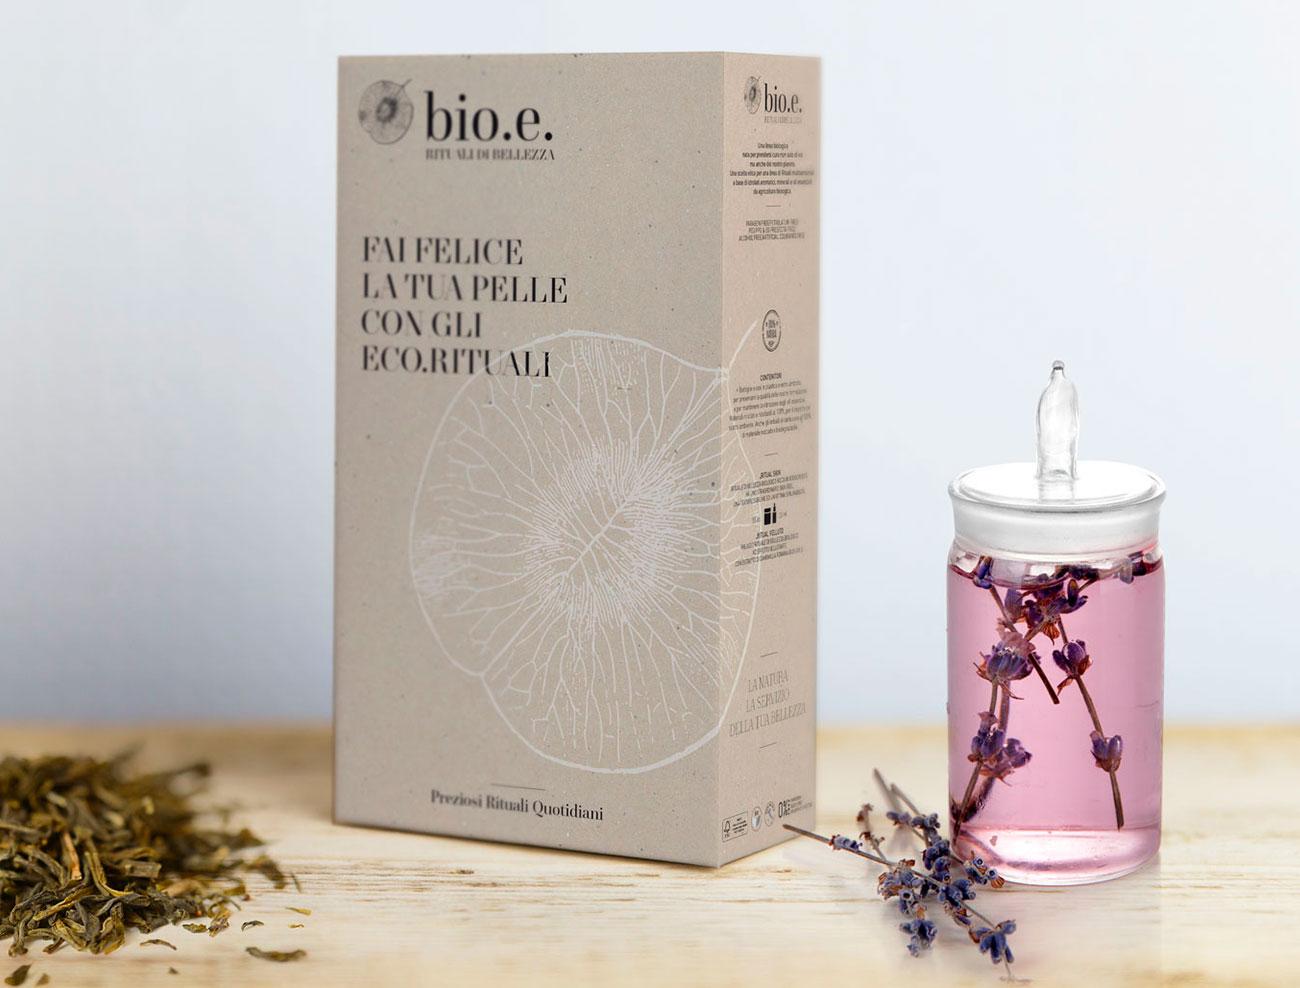 progettazione packaging per cosmetici, produzione contenuti fotografici per cataloghi, web e social